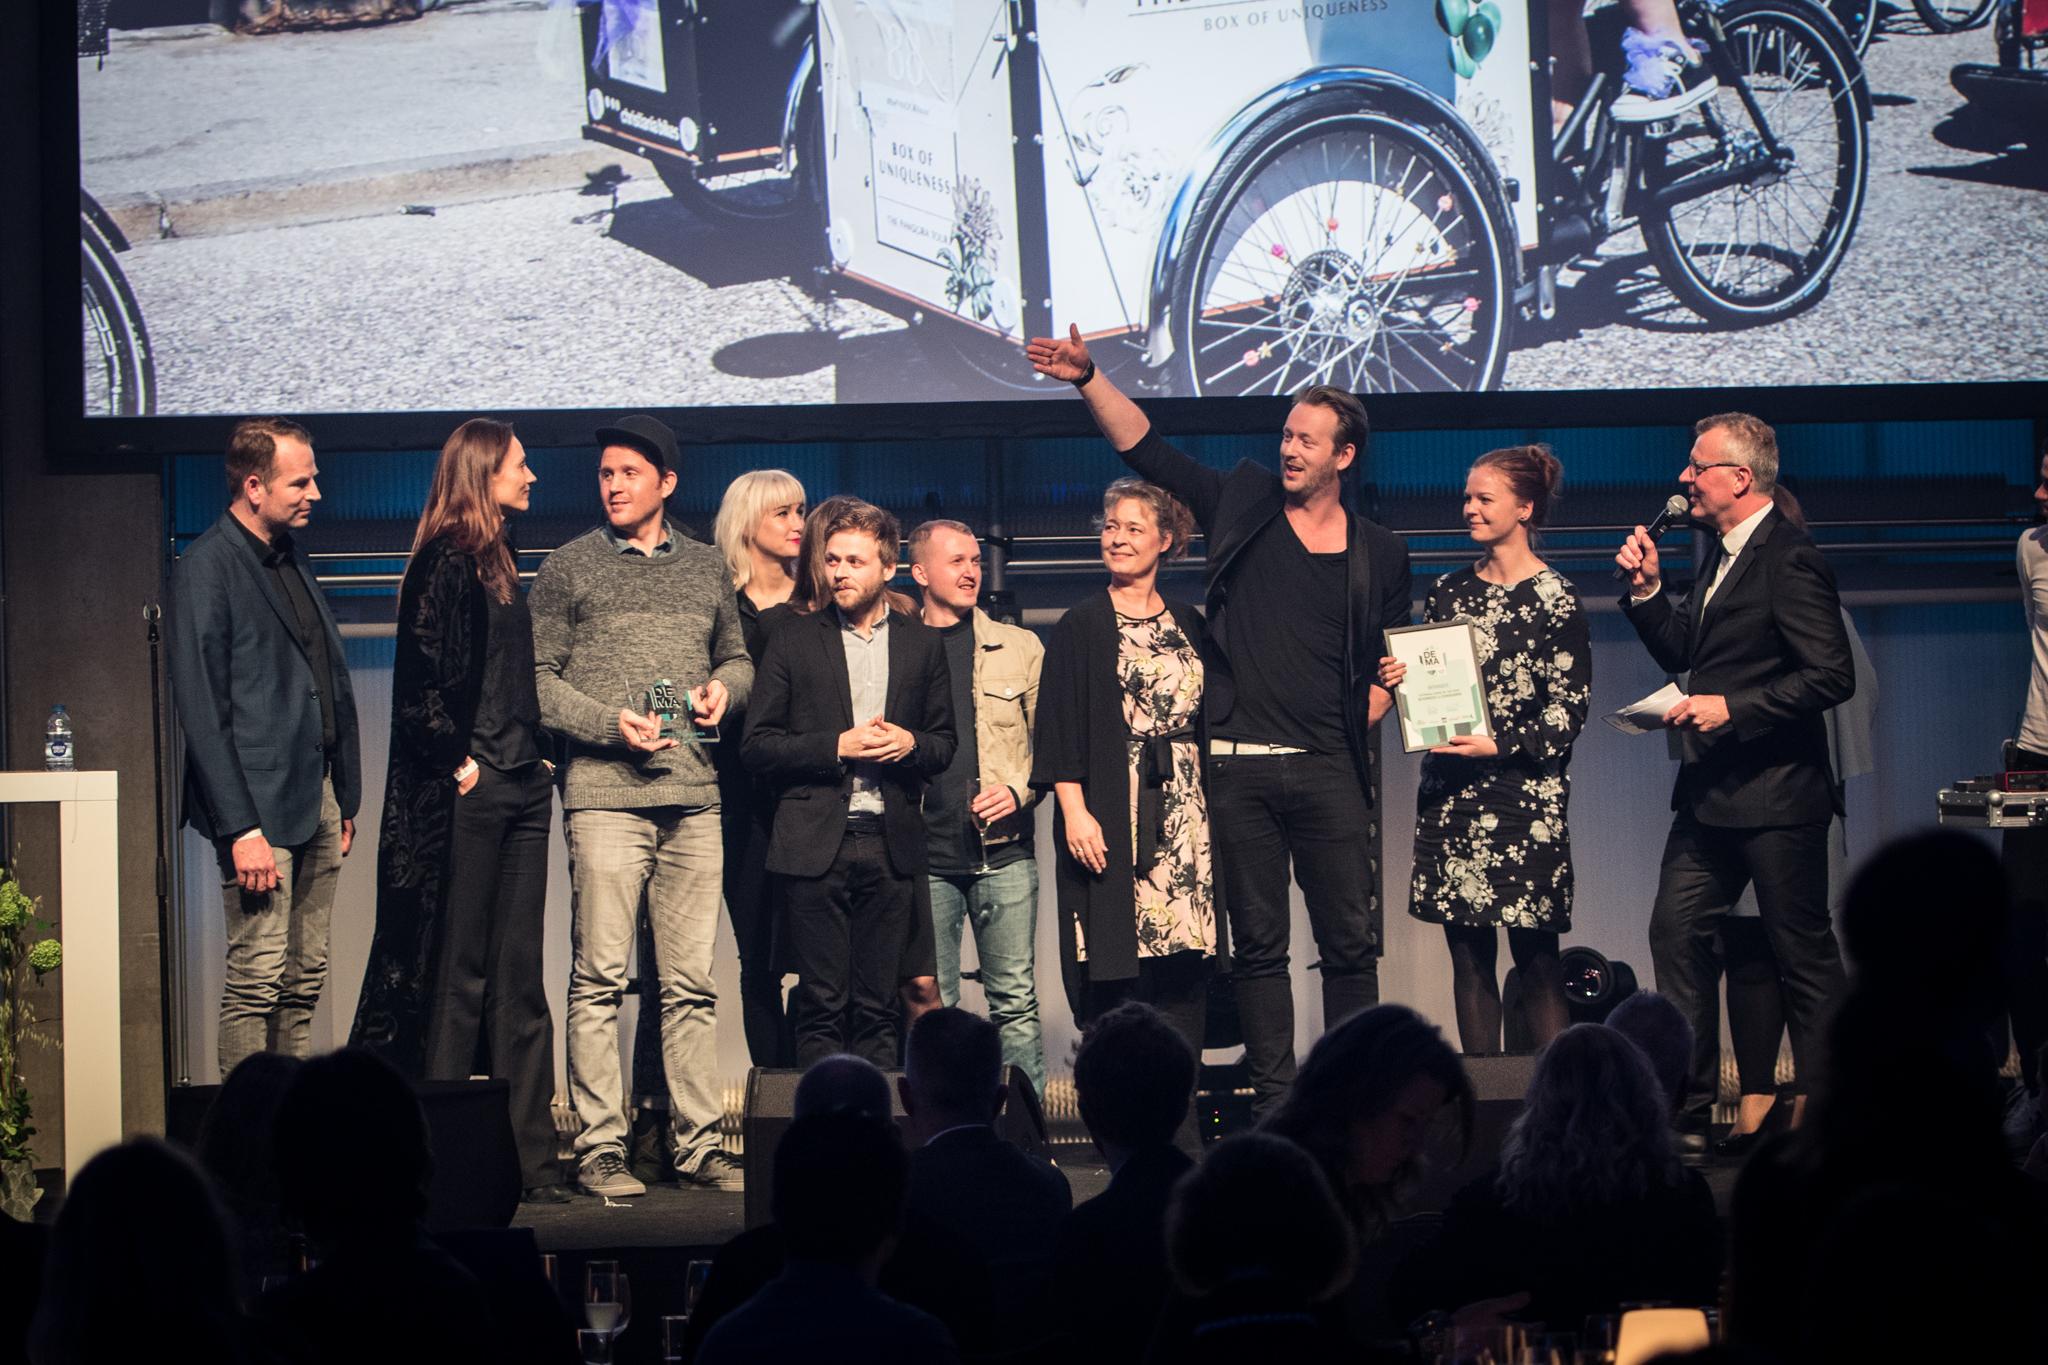 Den 30. maj er det atter tid til årets DEMA – Danish Meeting & Event Award, der i år afvikles på Langelinie Pavillonen. Her foto fra sidste års DEMA; fotograf: René Bang.